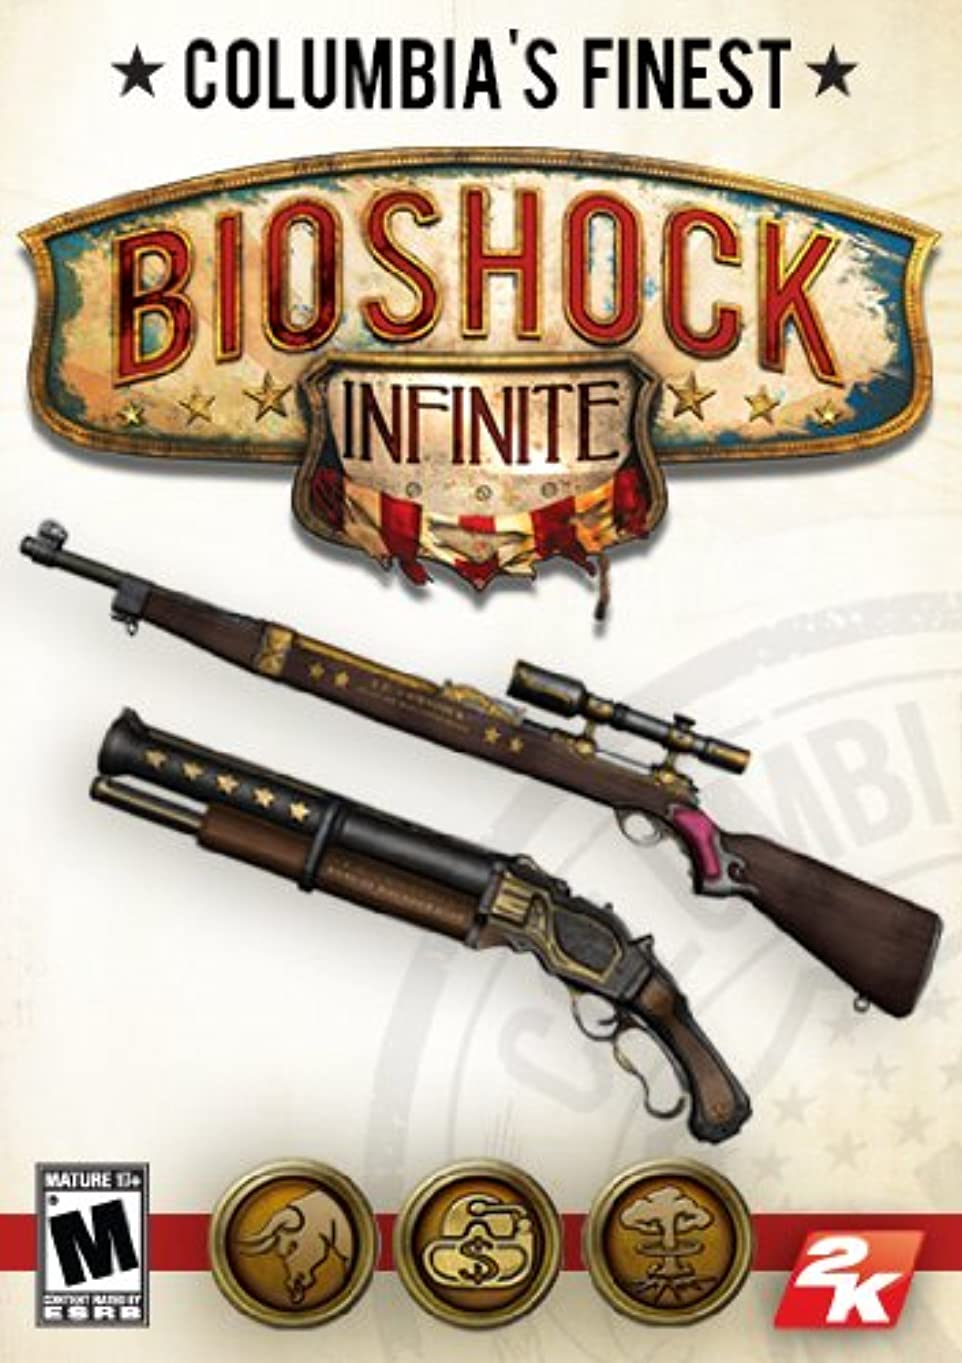 だます静かな軍艦BioShock Infinite: Columbia's Finest Pack (日本語版) [オンラインコード]